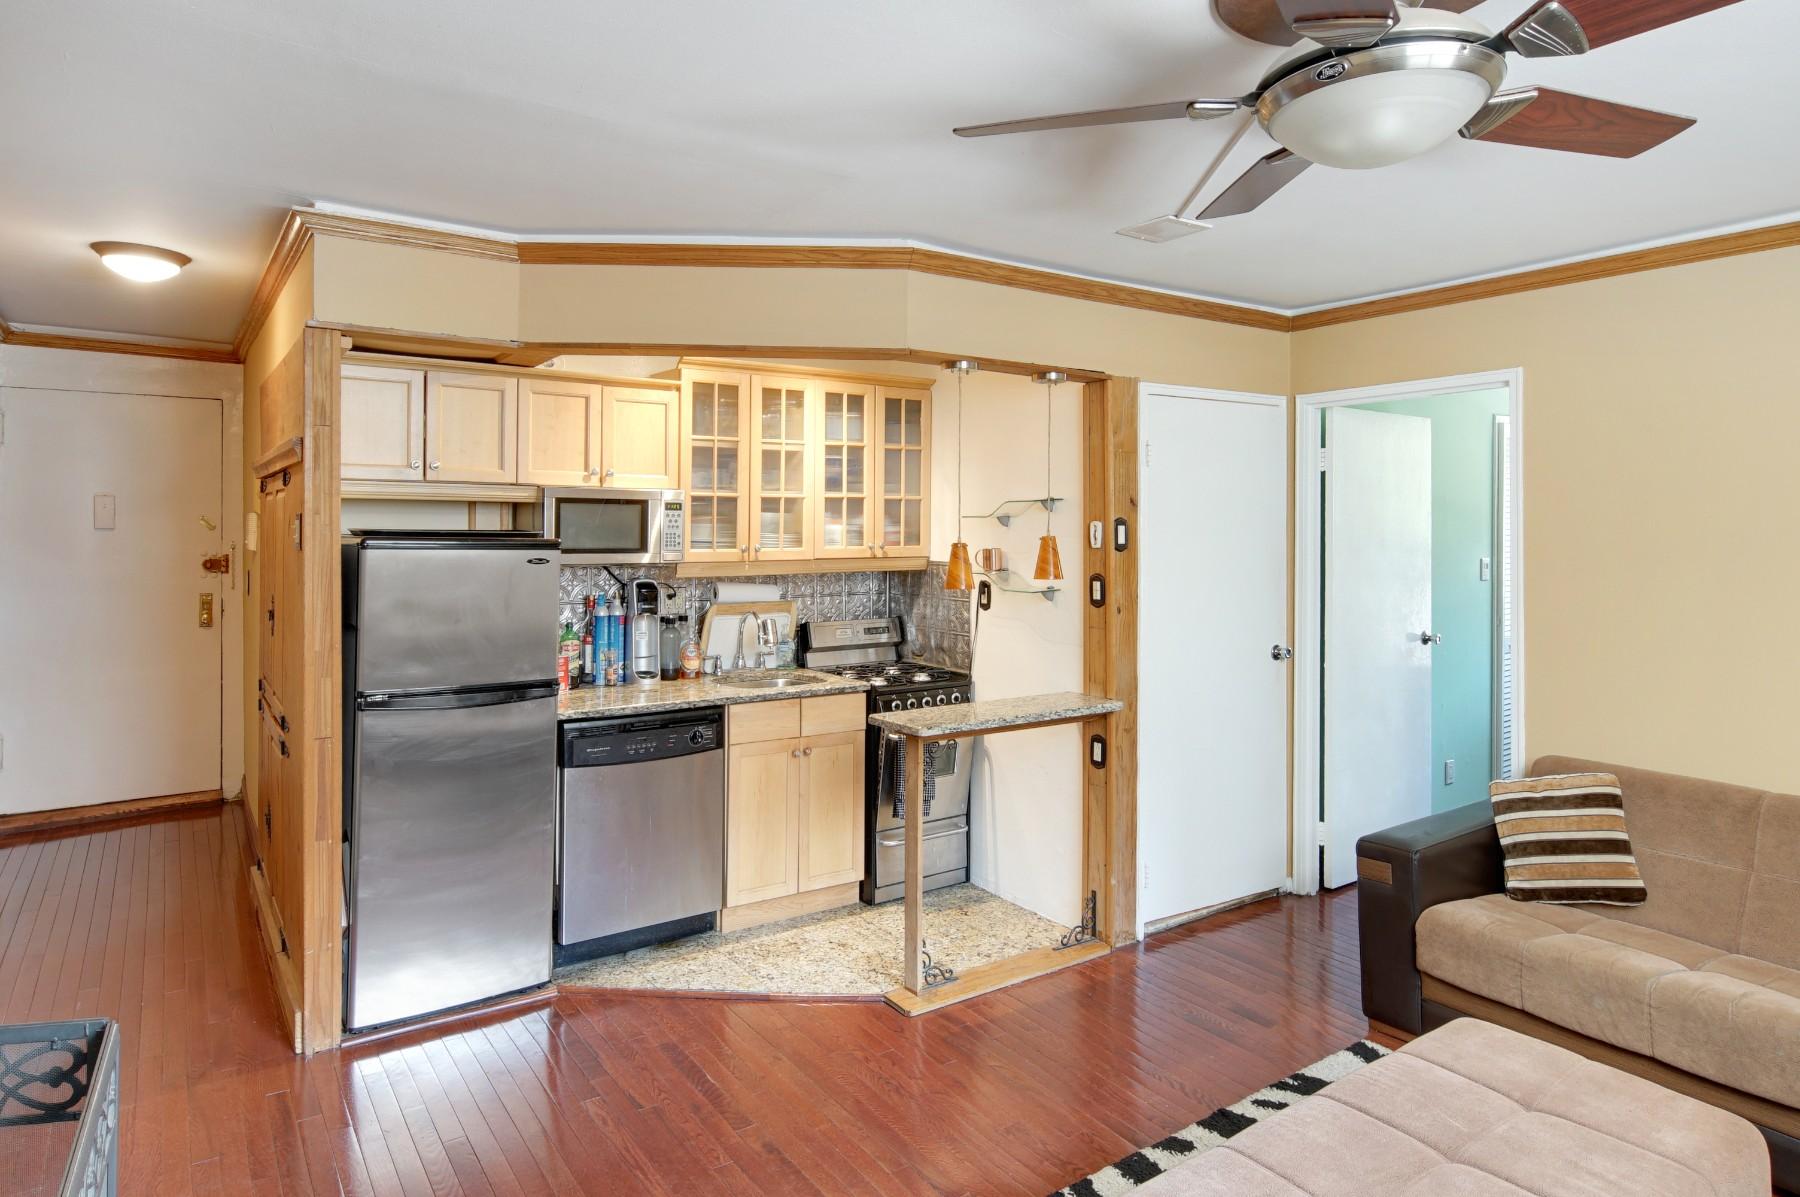 160 East 26th Street Kips Bay New York NY 10010